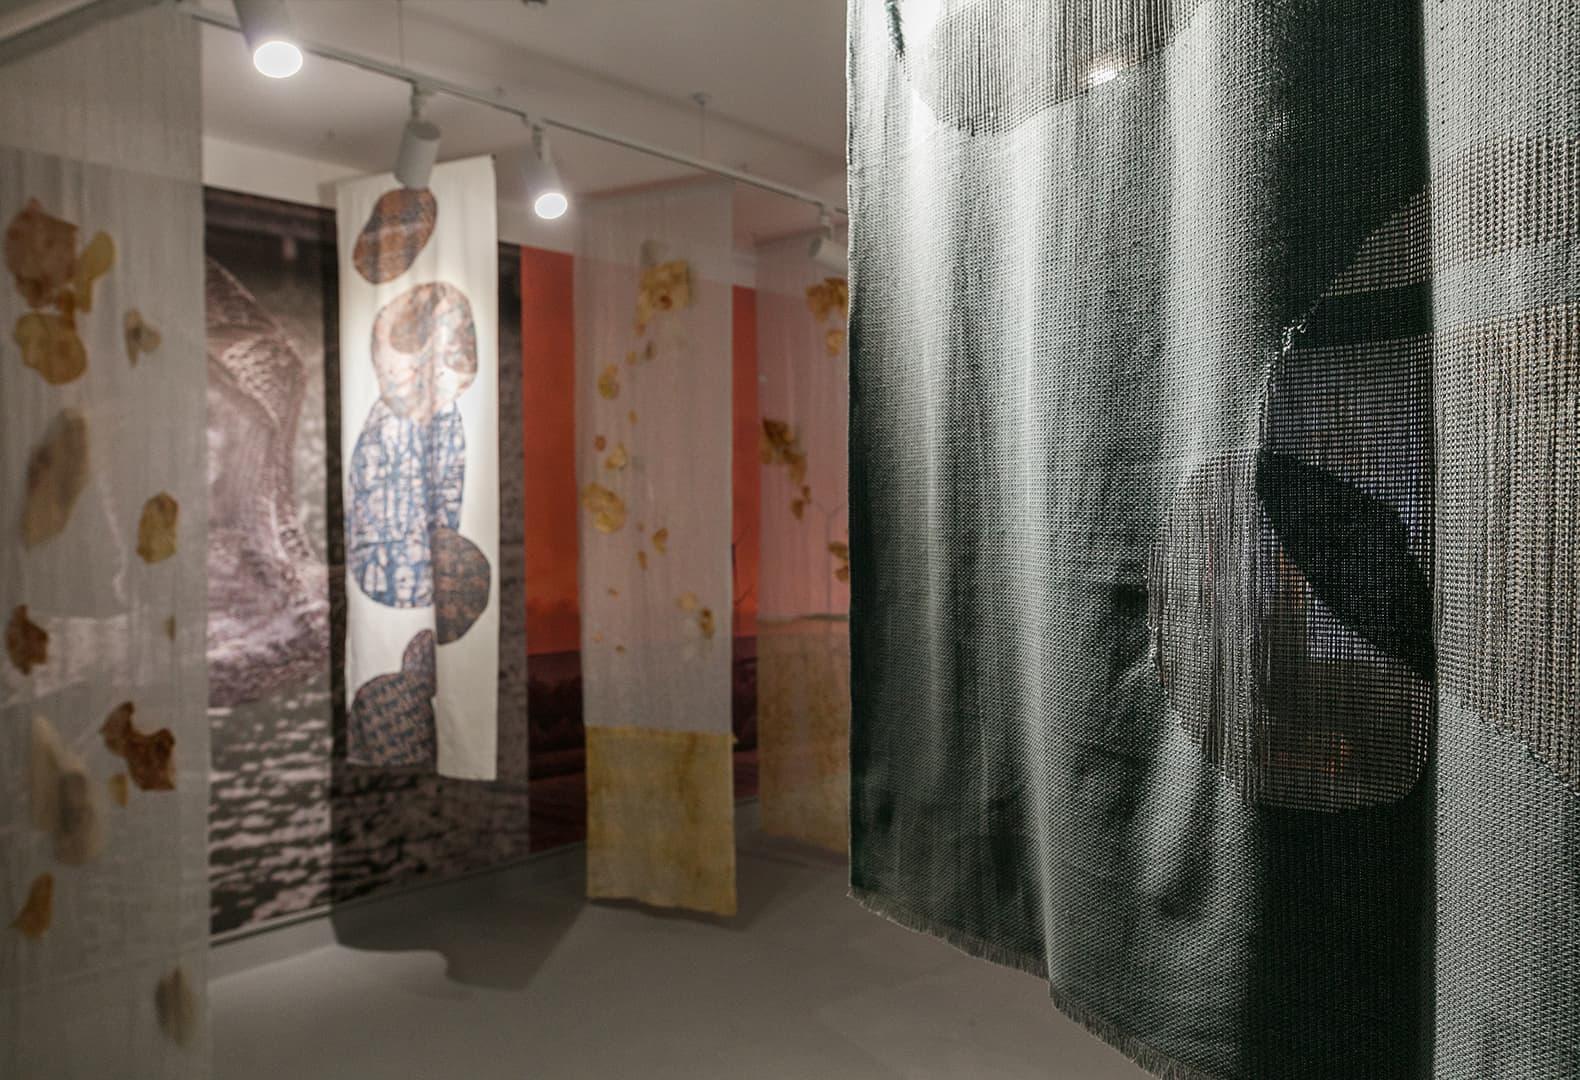 Текстильная инсталляция «Внутренняя миграция». Александра Фалиштынская